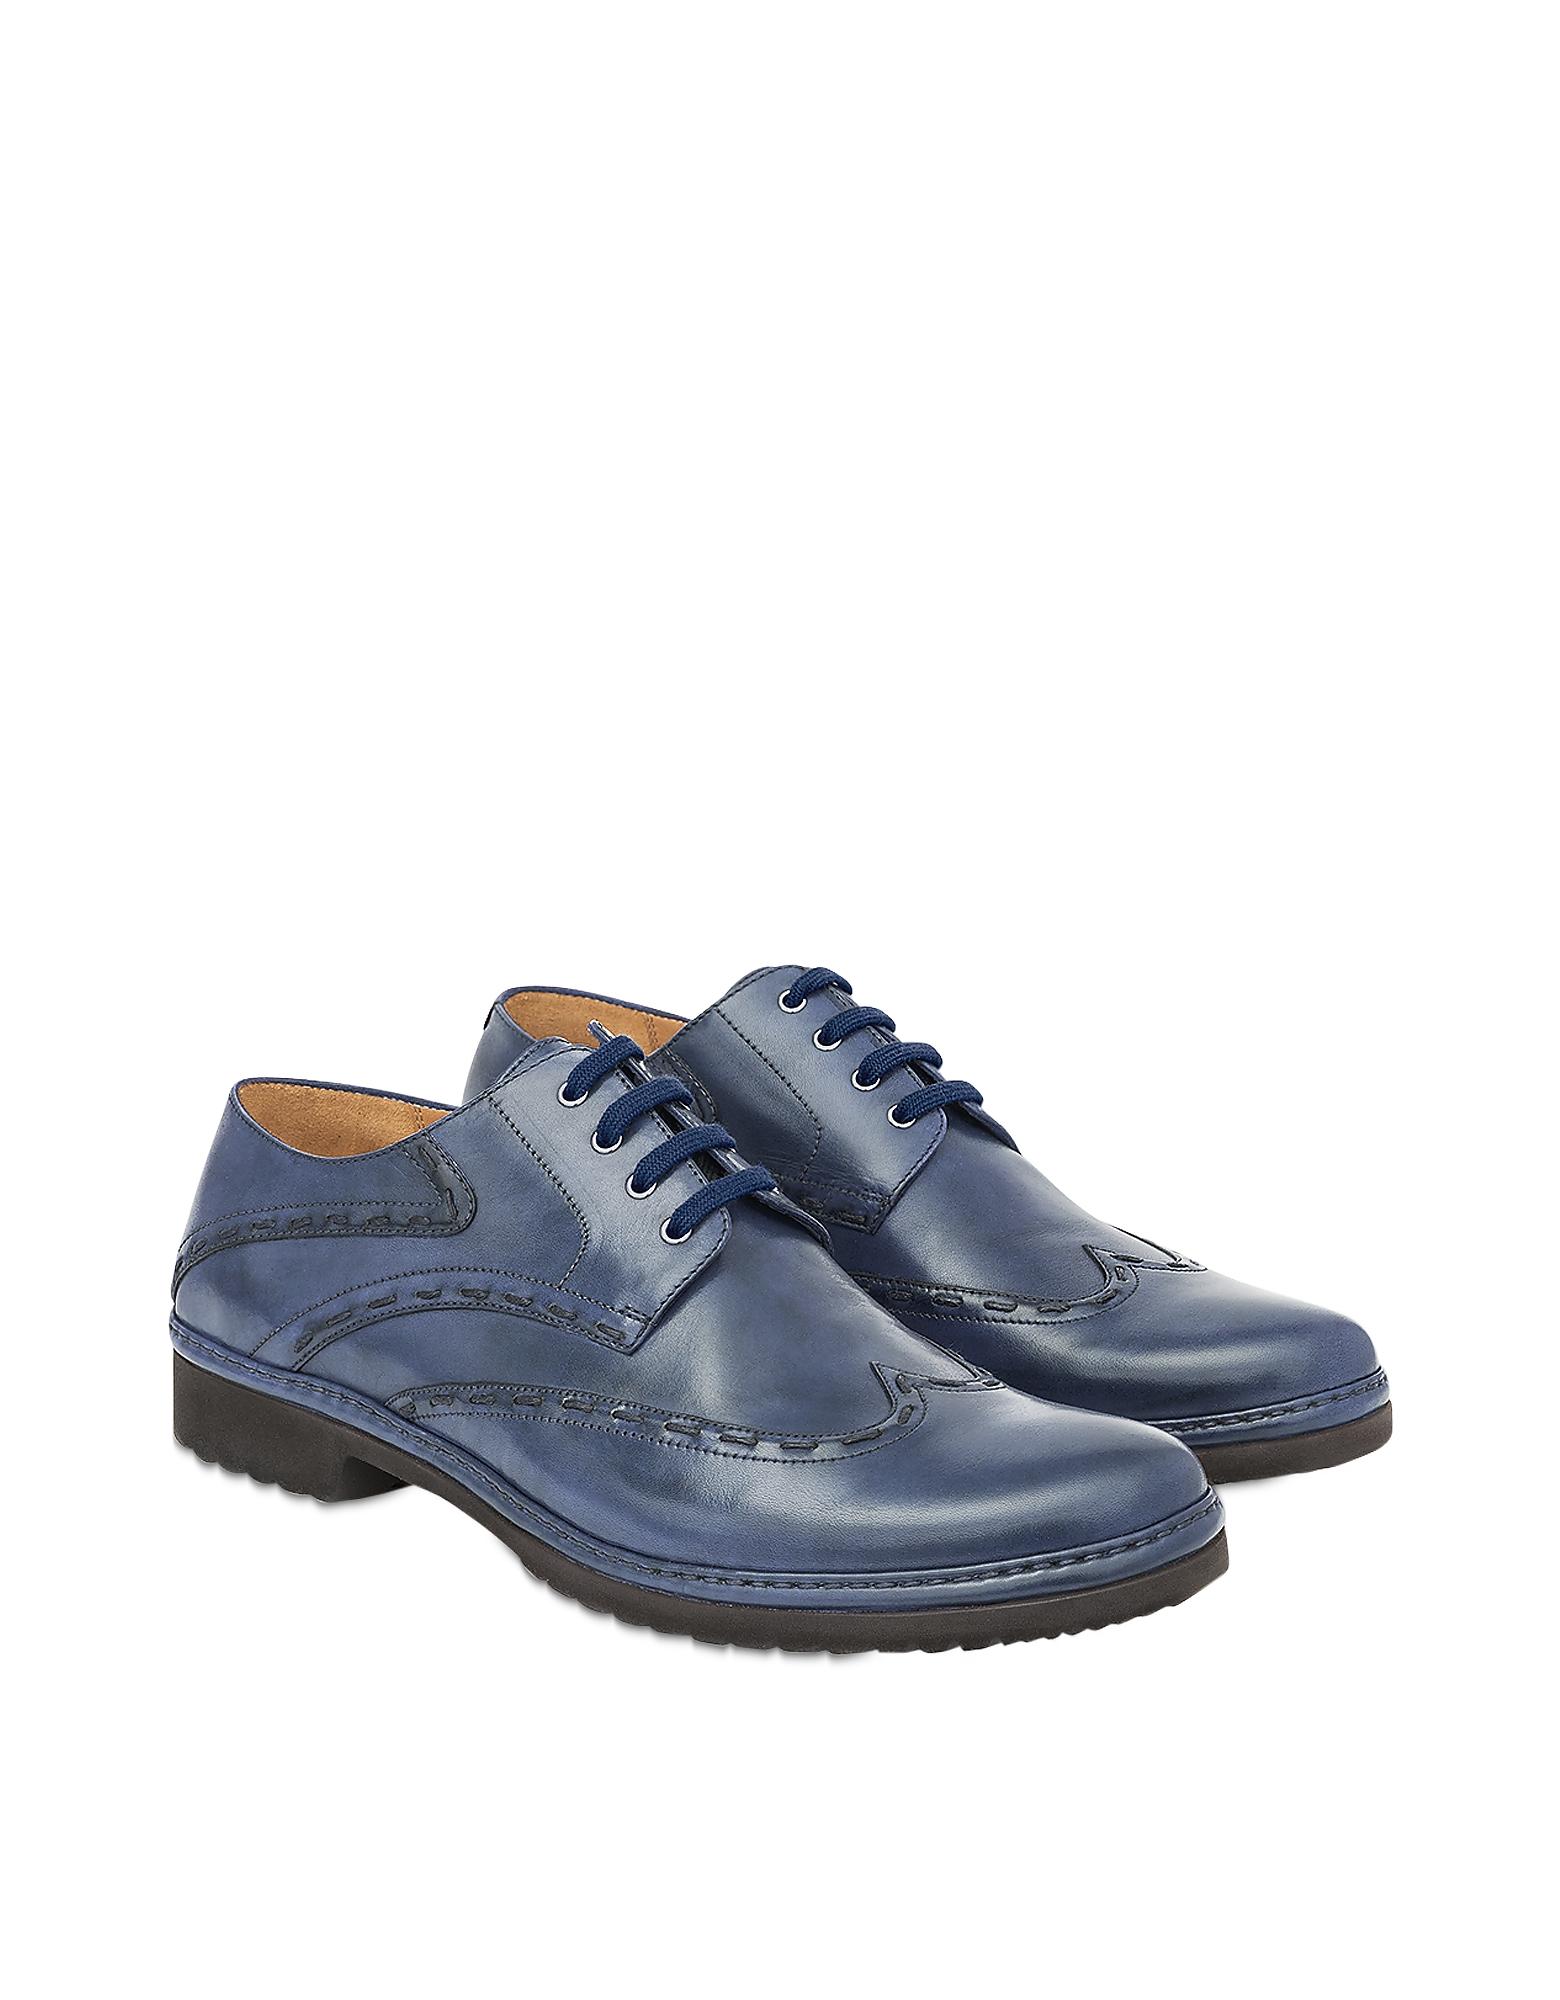 Pakerson Designer Shoes, Blue Cortona Derby Shoes